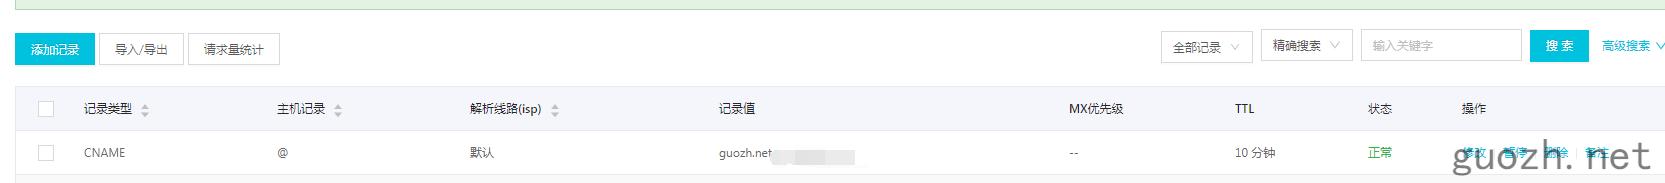 《此网站无法提供安全连接 guozh.net使用了不受支持的协议》